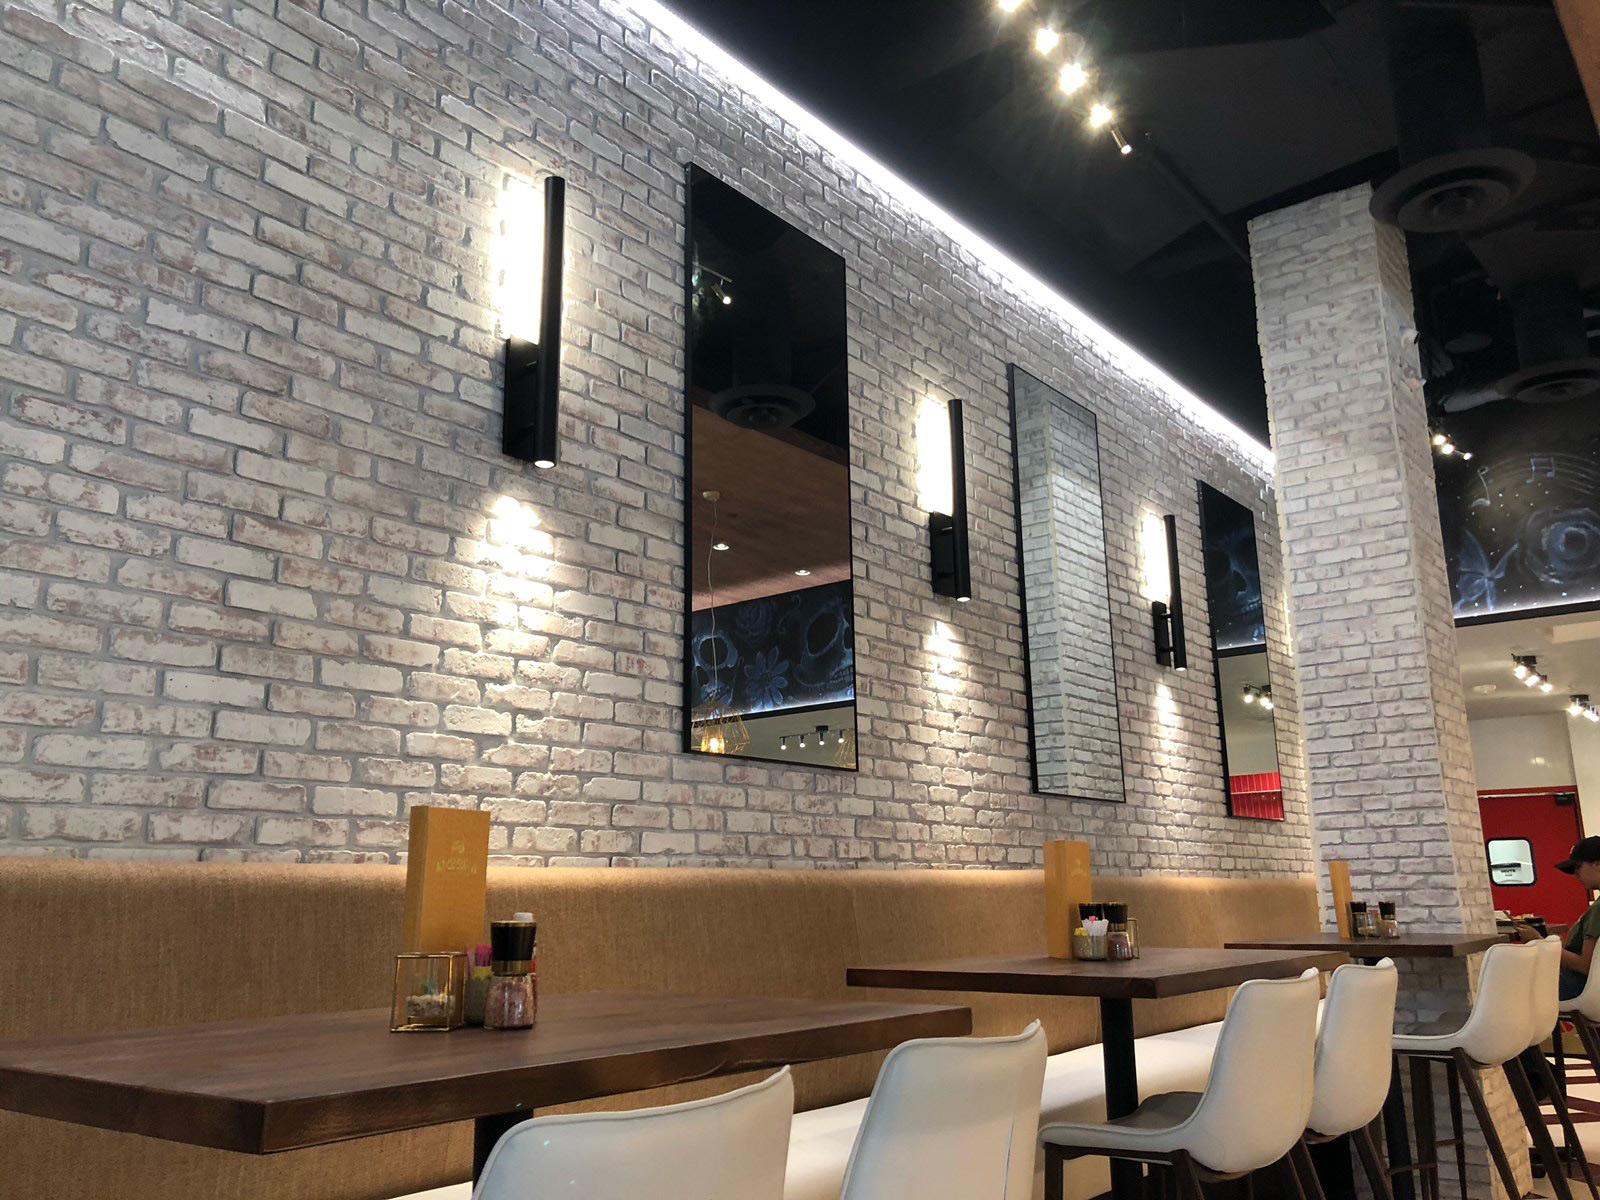 Restaurant Novel Lighting Project